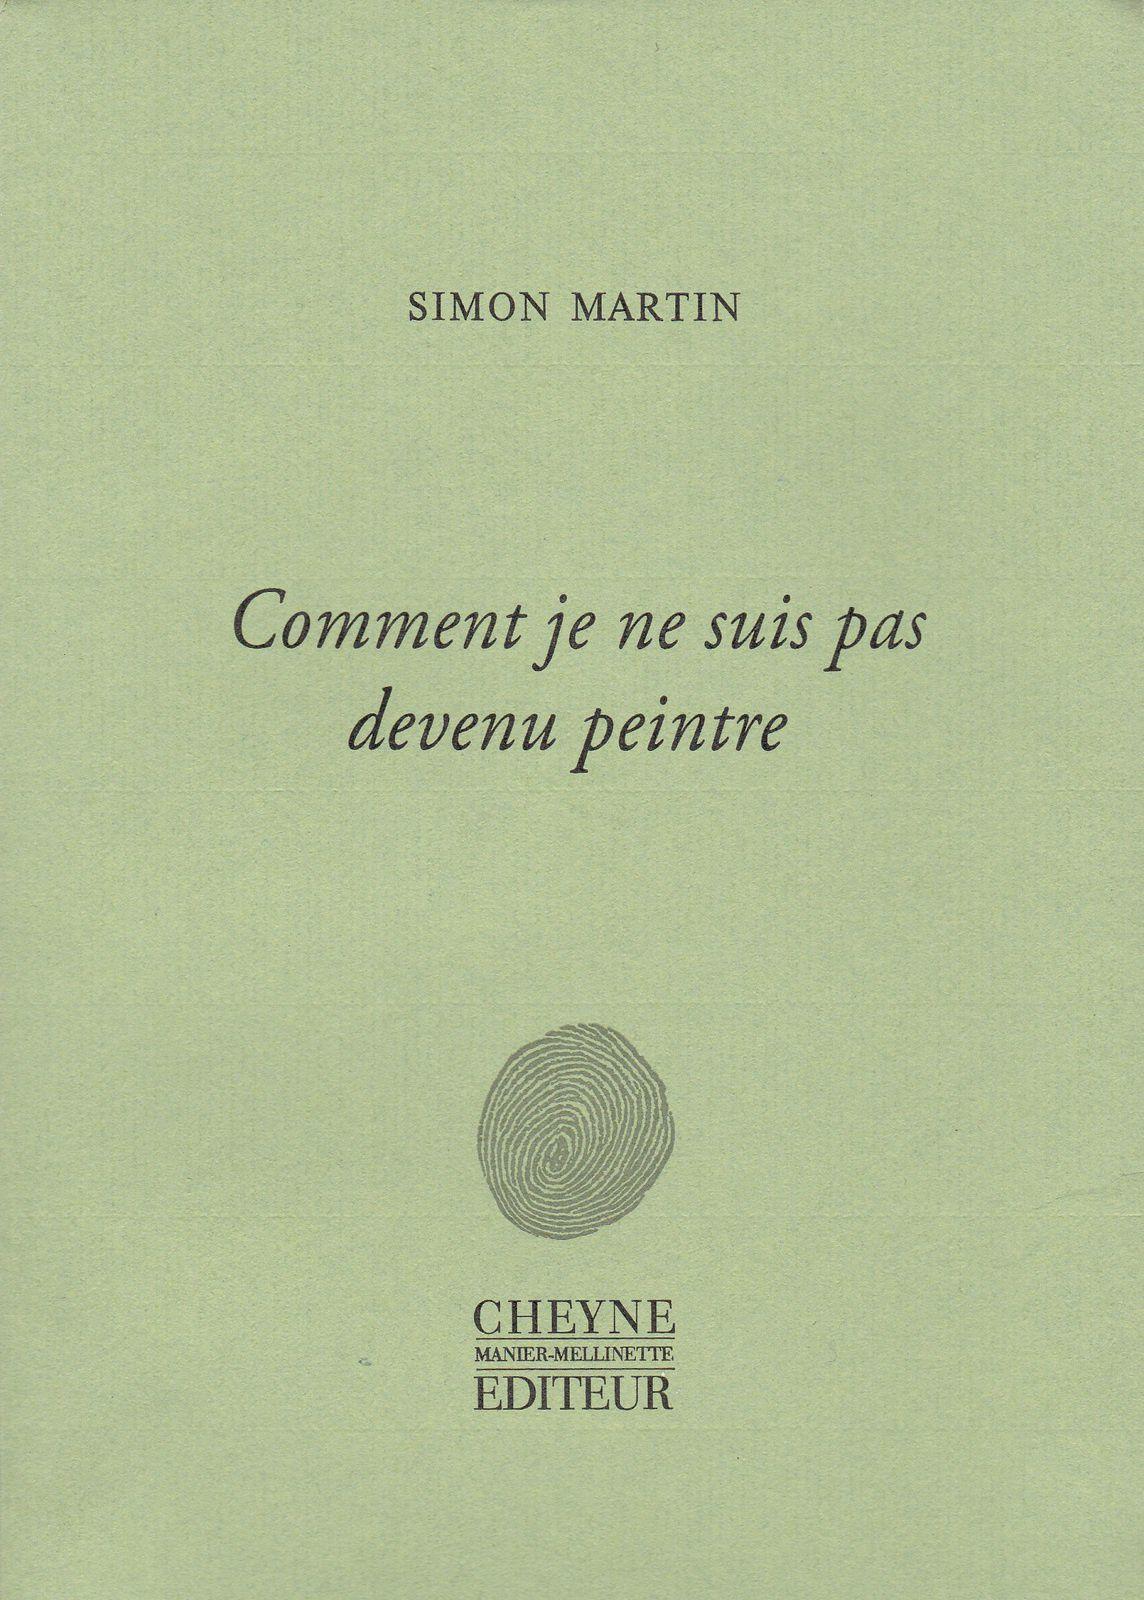 Centon - Simon Martin